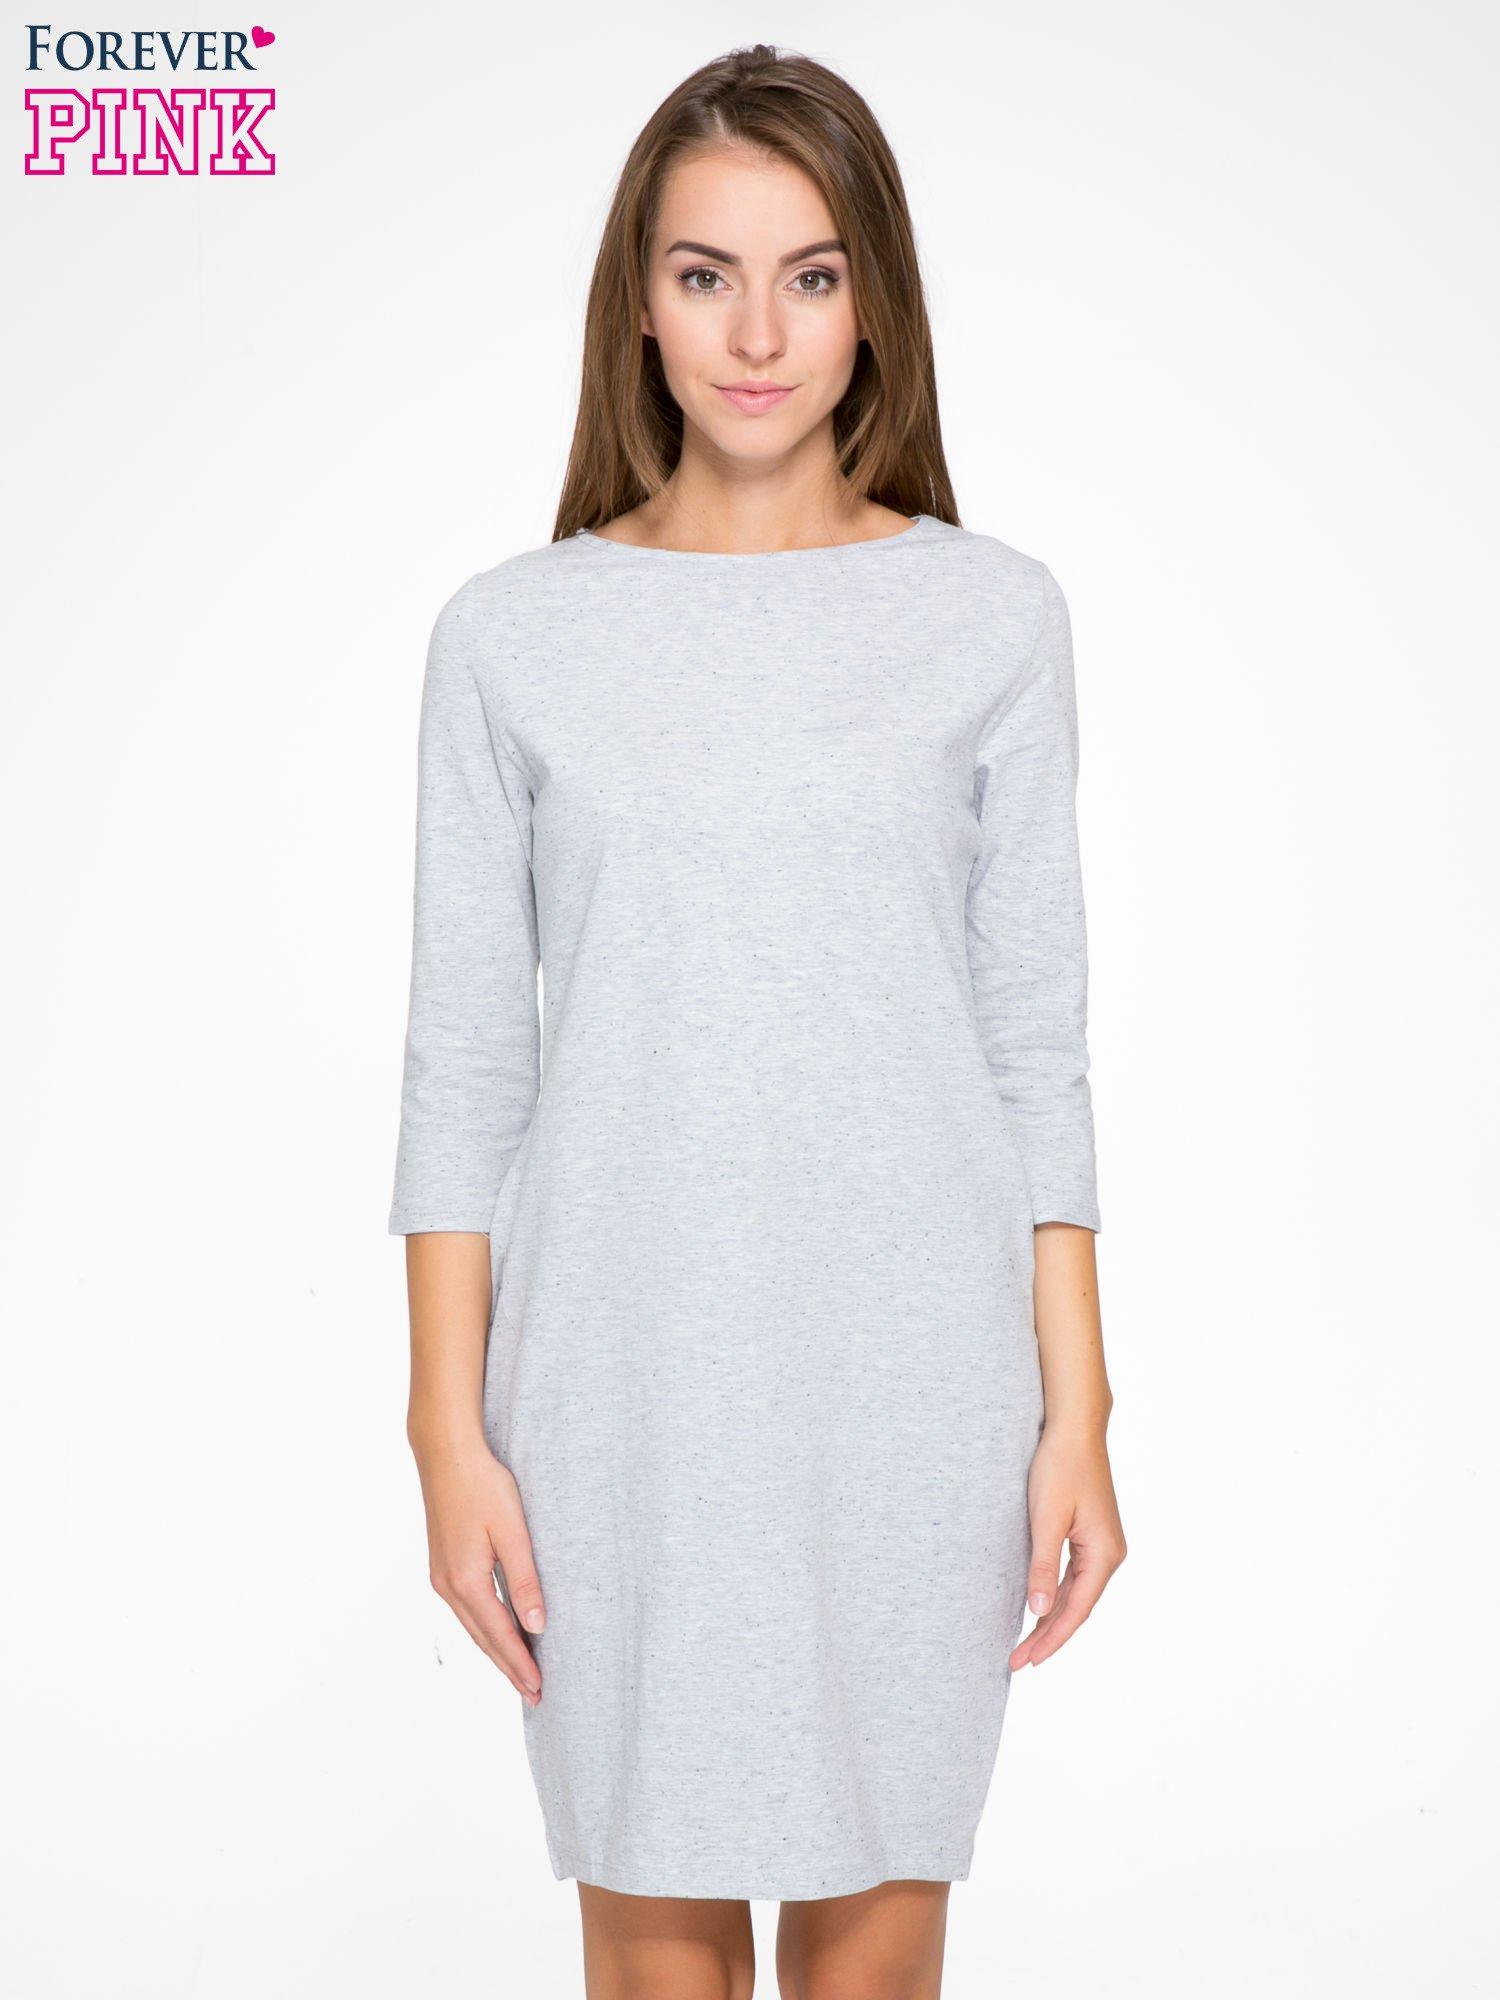 Jasnoszara dresowa sukienka z kieszeniami po bokach                                  zdj.                                  1